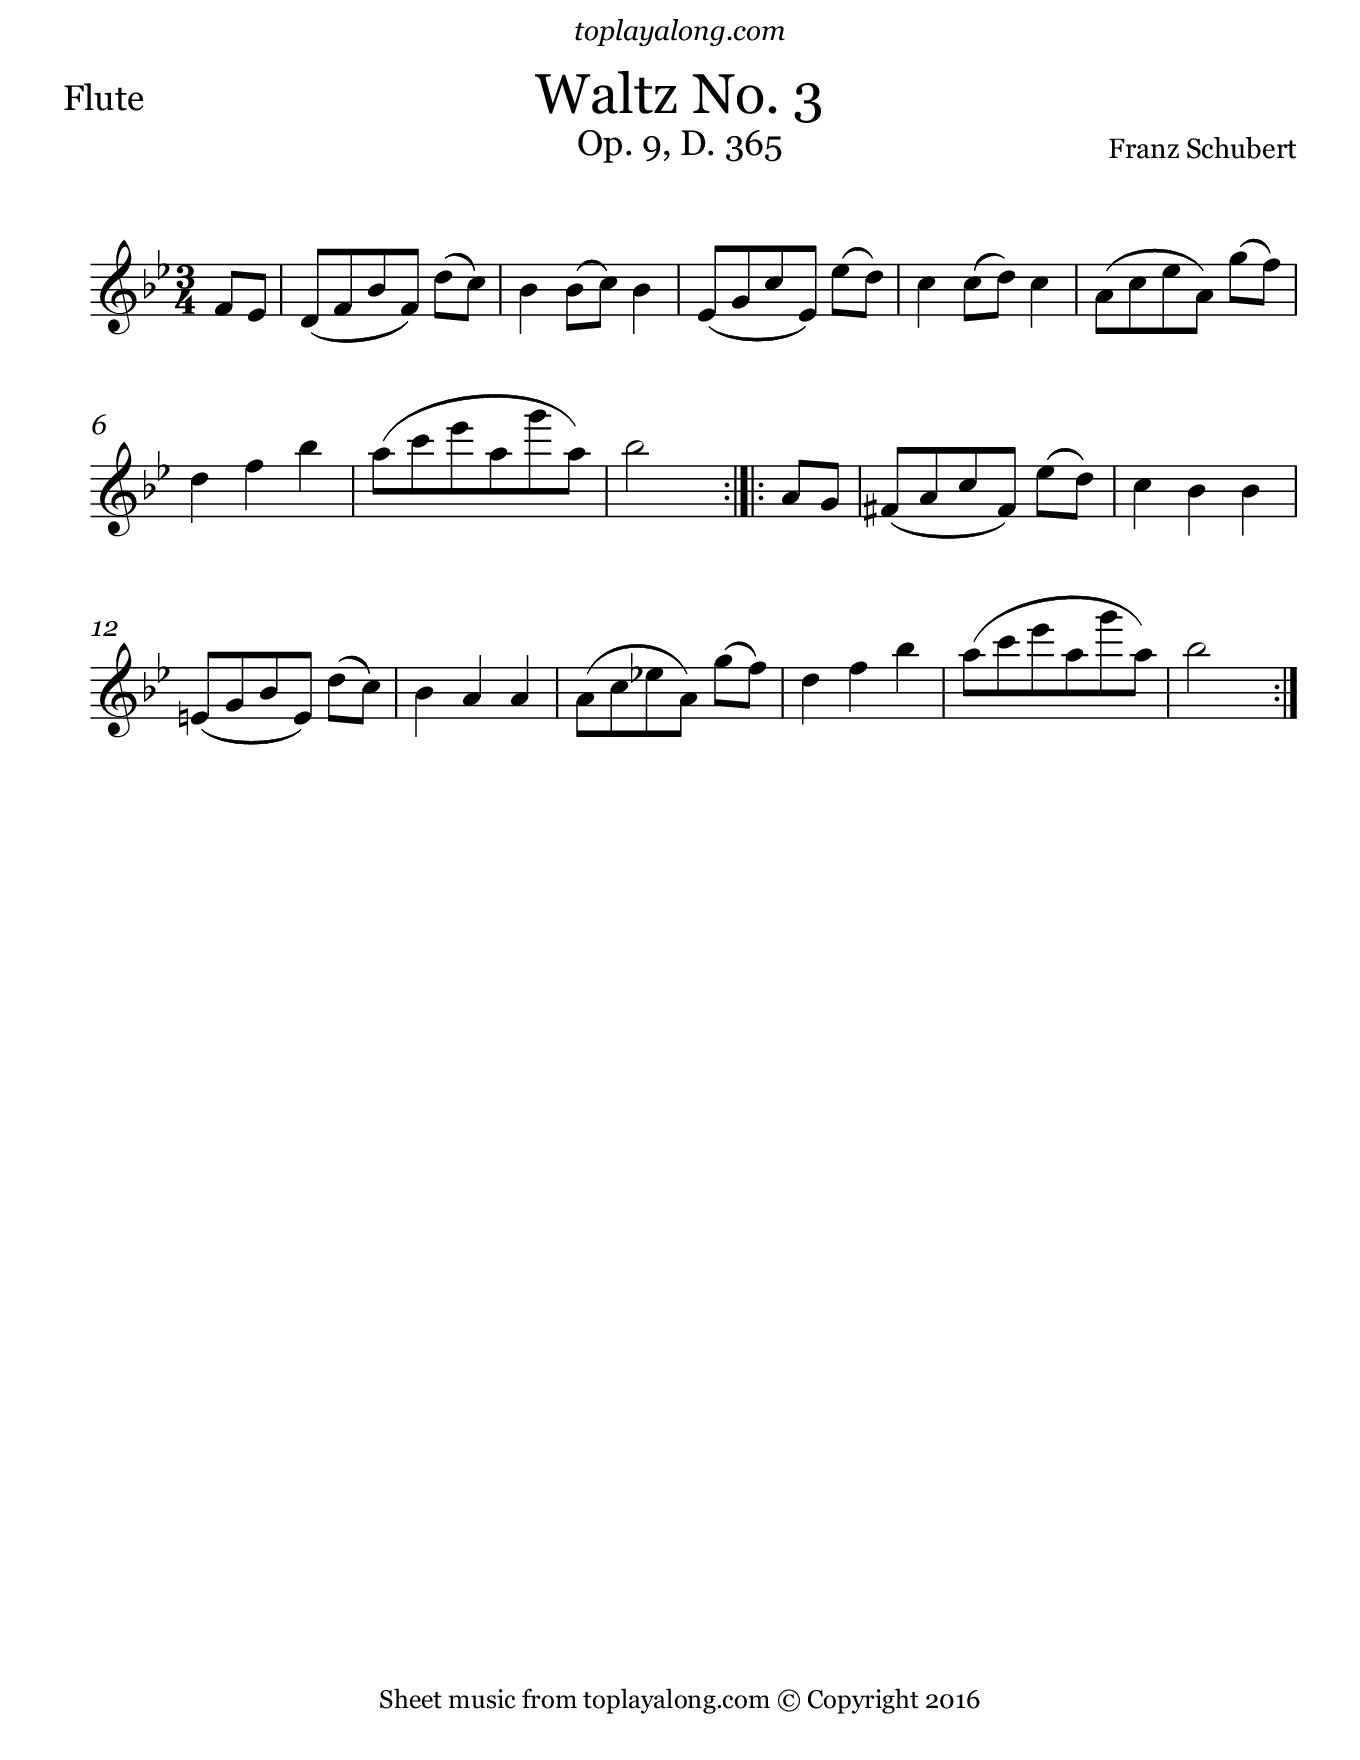 Waltz No. 3 Op. 9 D. 365 by Schubert. Sheet music for Flute, page 1.